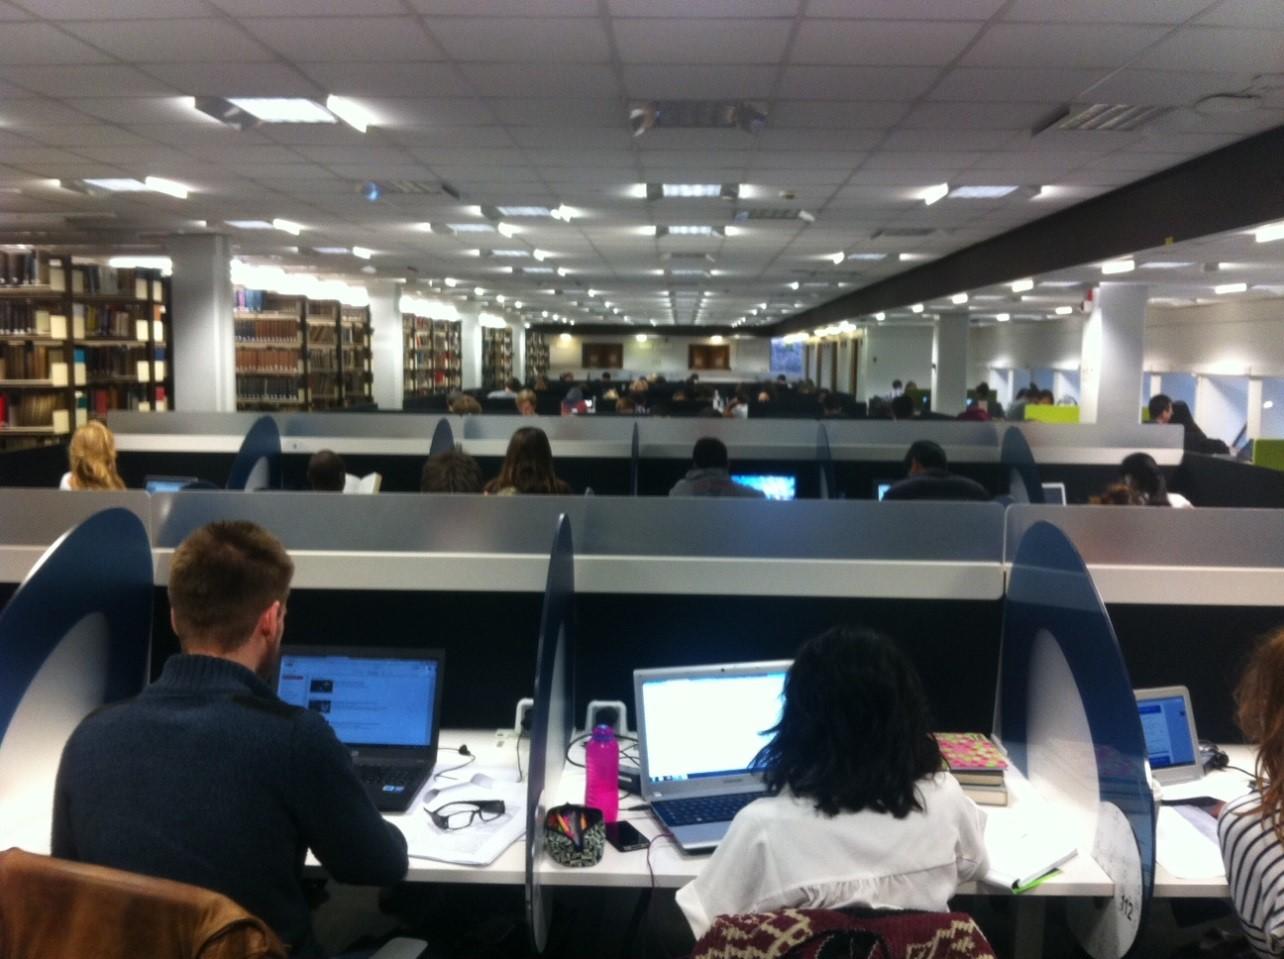 Friday. 10am. November. No spare desks.